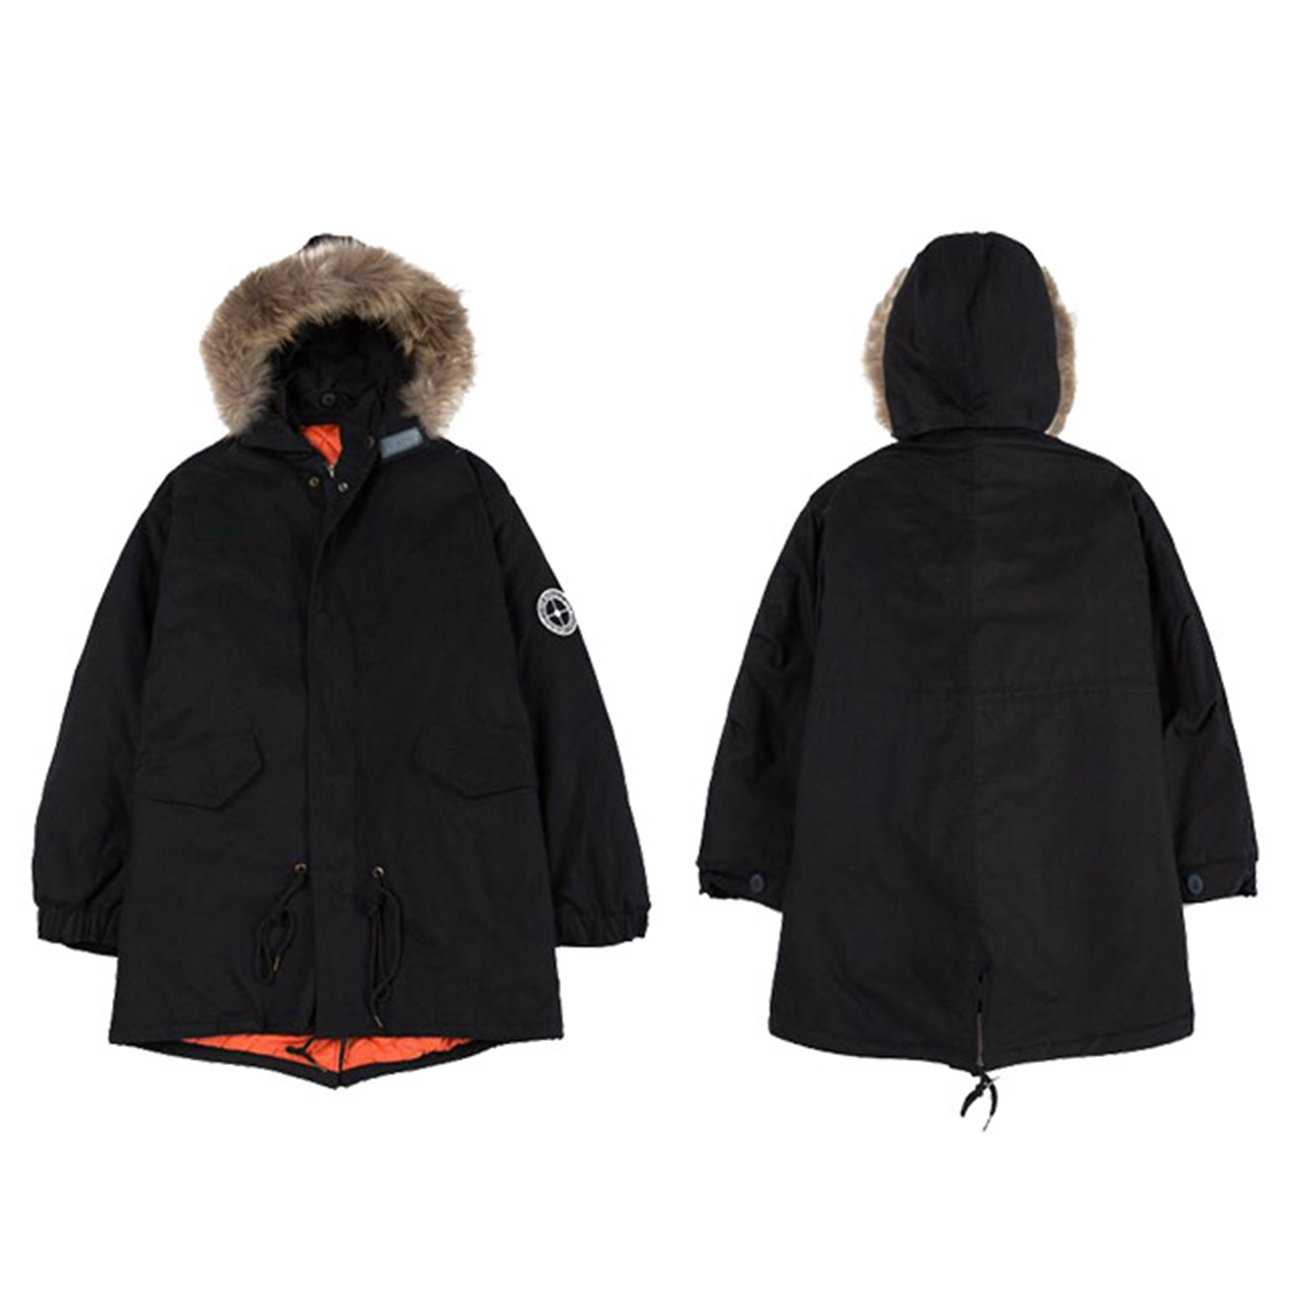 【ビビショー】中綿コート フードファー付き 男女兼用 体型カバー ミリタリージャケット防寒 あったか アウター 高品質 暖かい B077TFLRCK L|ブラック ブラック L